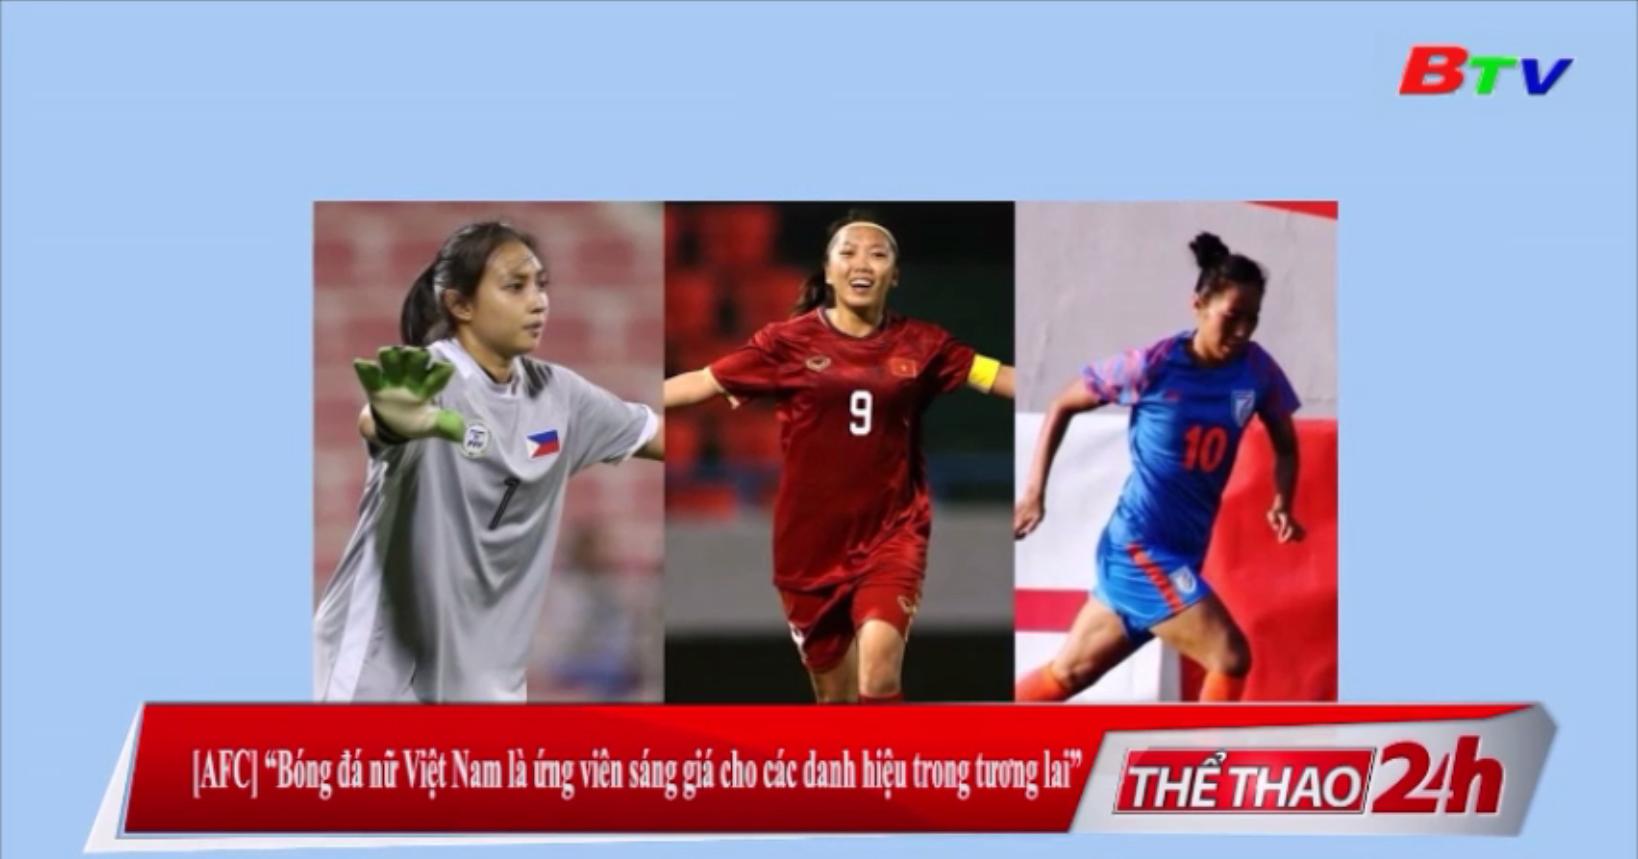 AFC - Bóng đá nữ Việt Nam là ứng viên sáng giá cho các danh hiệu trong lương lai